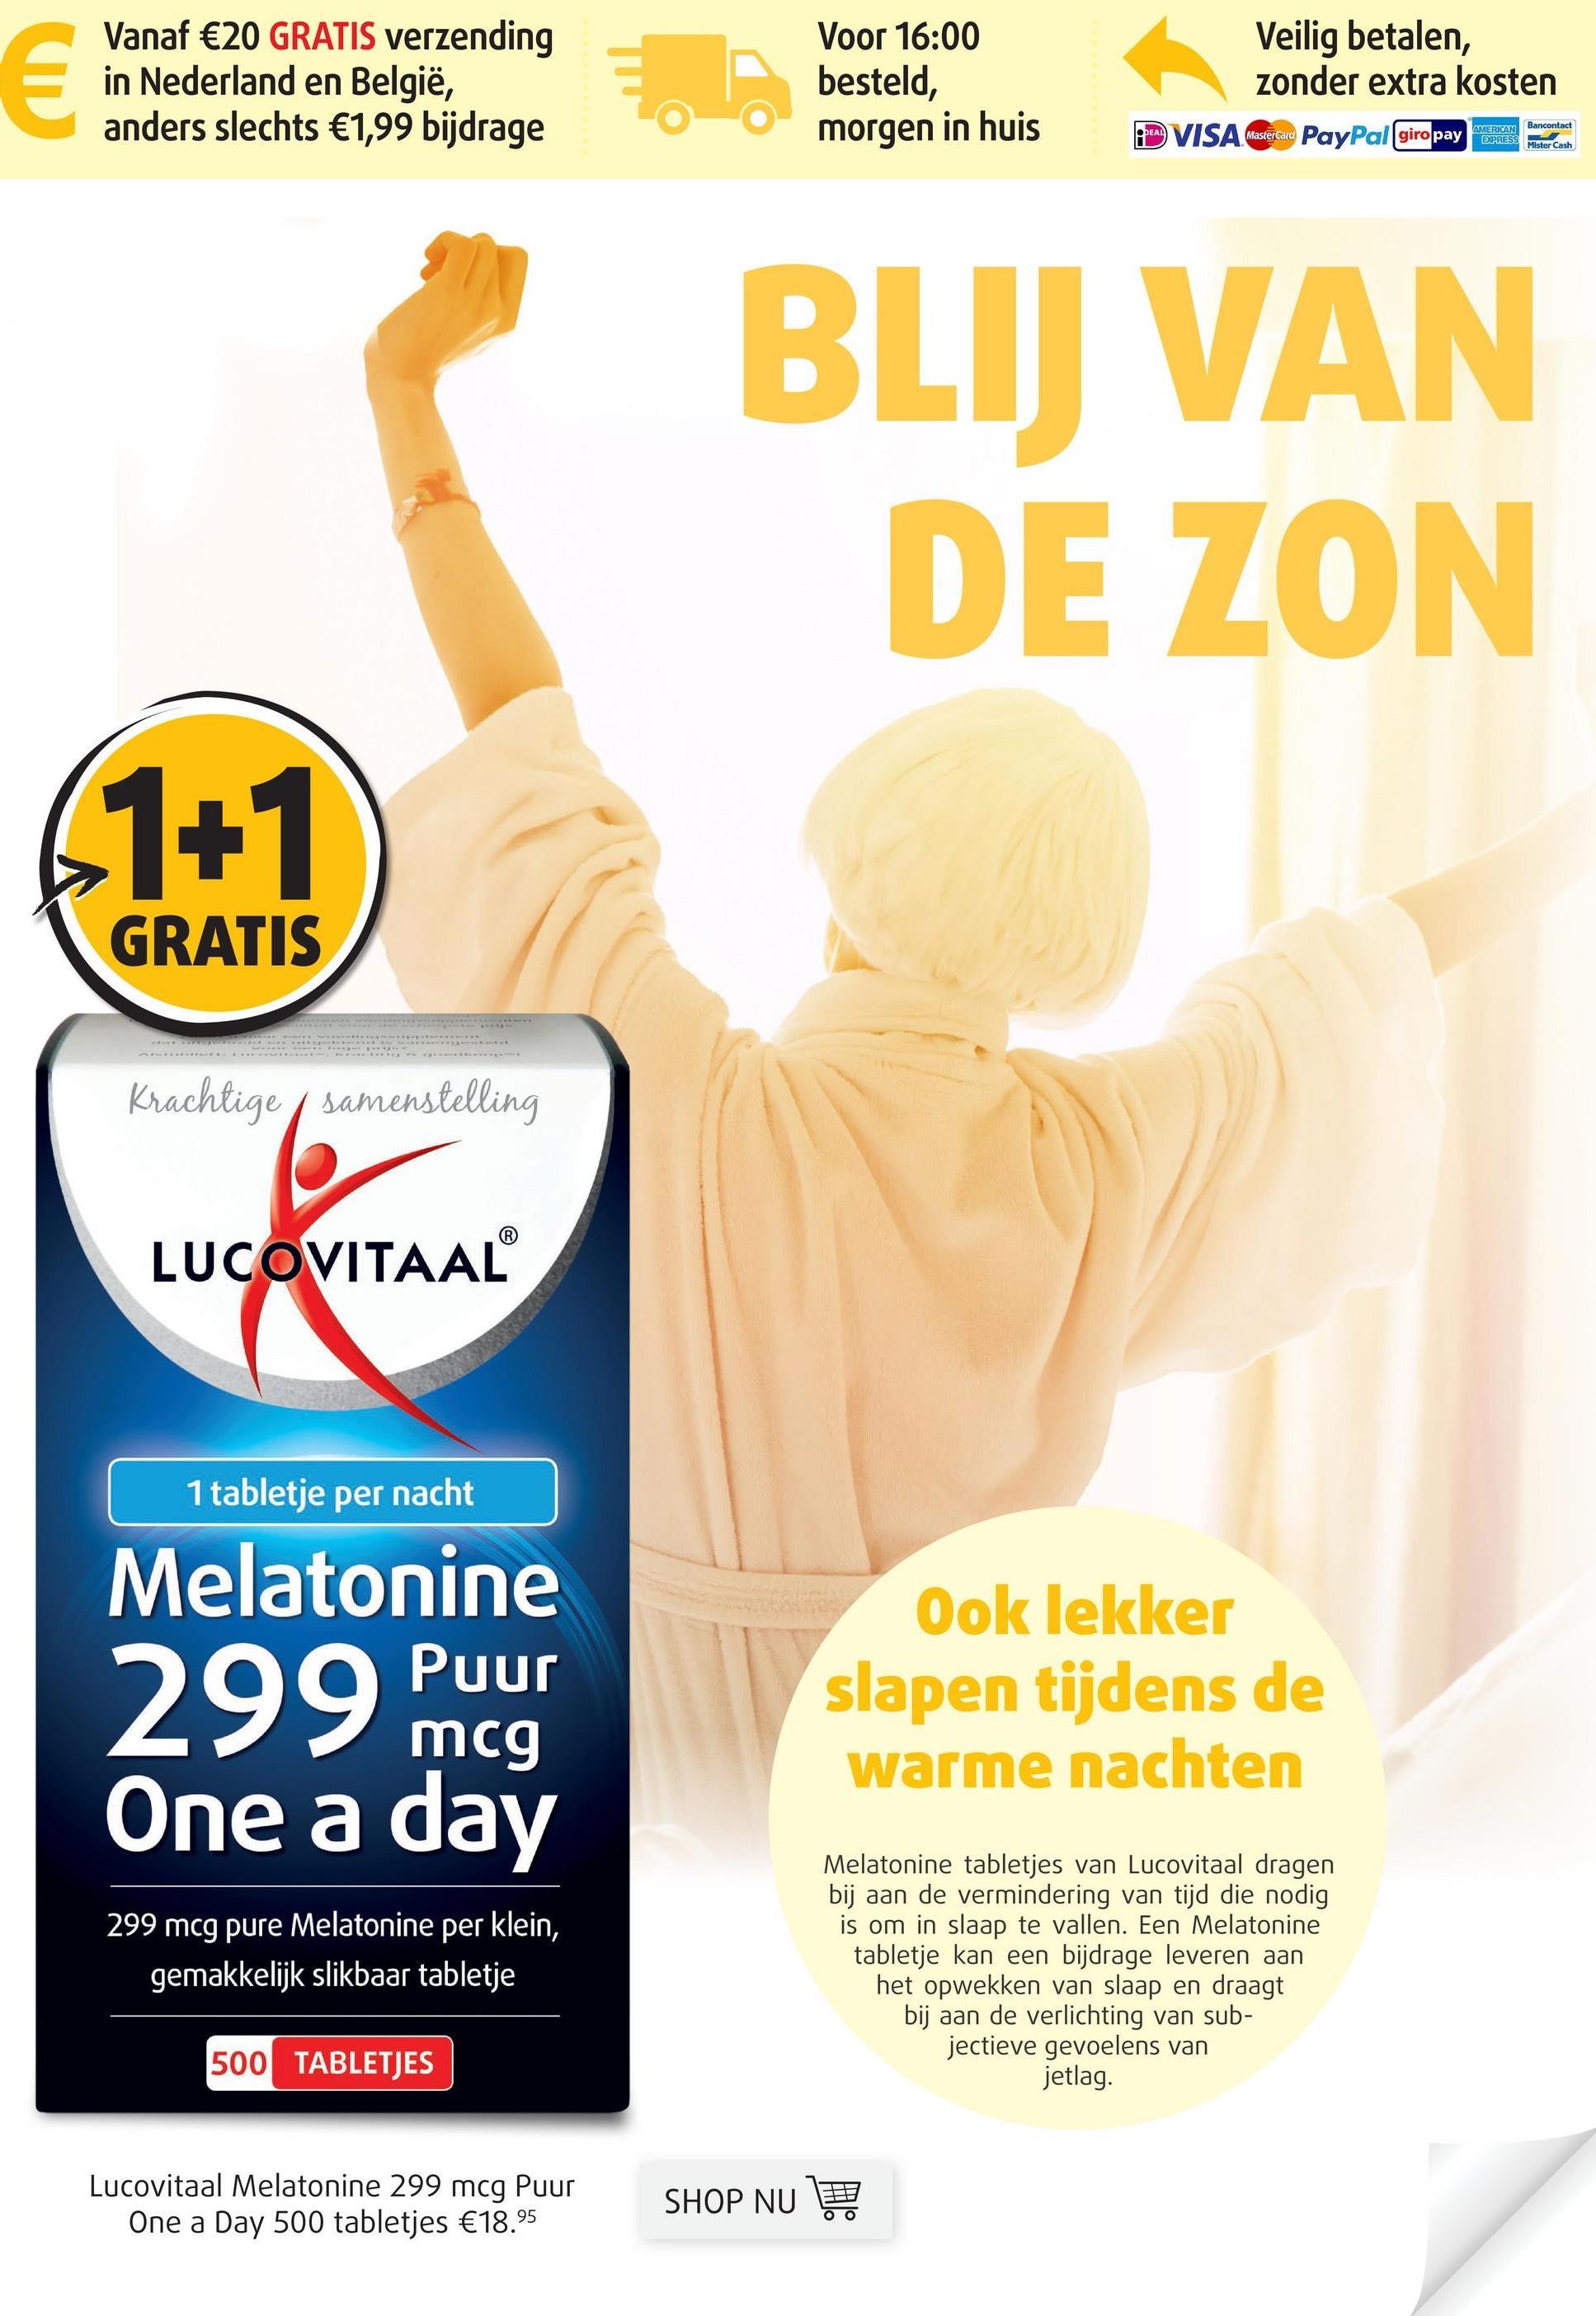 Vanaf €20 GRATIS verzending in Nederland en België, anders slechts €1,99 bijdrage Voor 16:00 besteld, morgen in huis Veilig betalen, zonder extra kosten DE VISA Wastercaco PayPal giro pay este AMERICAN Bancontact Mastercard Mister Cash BLIJ VAN DE ZON 61+1 GRATIS Krachtige / samenstelling LUCOVITAAL 1 tabletje per nacht Melatonine 299 Puur Ook lekker slapen tijdens de warme nachten One a day 299 mcg pure Melatonine per klein, gemakkelijk slikbaar tabletje Melatonine tabletjes van Lucovitaal dragen bij aan de vermindering van tijd die nodig is om in slaap te vallen. Een Melatonine tabletje kan een bijdrage leveren aan het opwekken van slaap en draagt bij aan de verlichting van sub- jectieve gevoelens van jetlag. 500 TABLETJES Lucovitaal Melatonine 299 mcg Puur One a Day 500 tabletjes €18.95 SHO